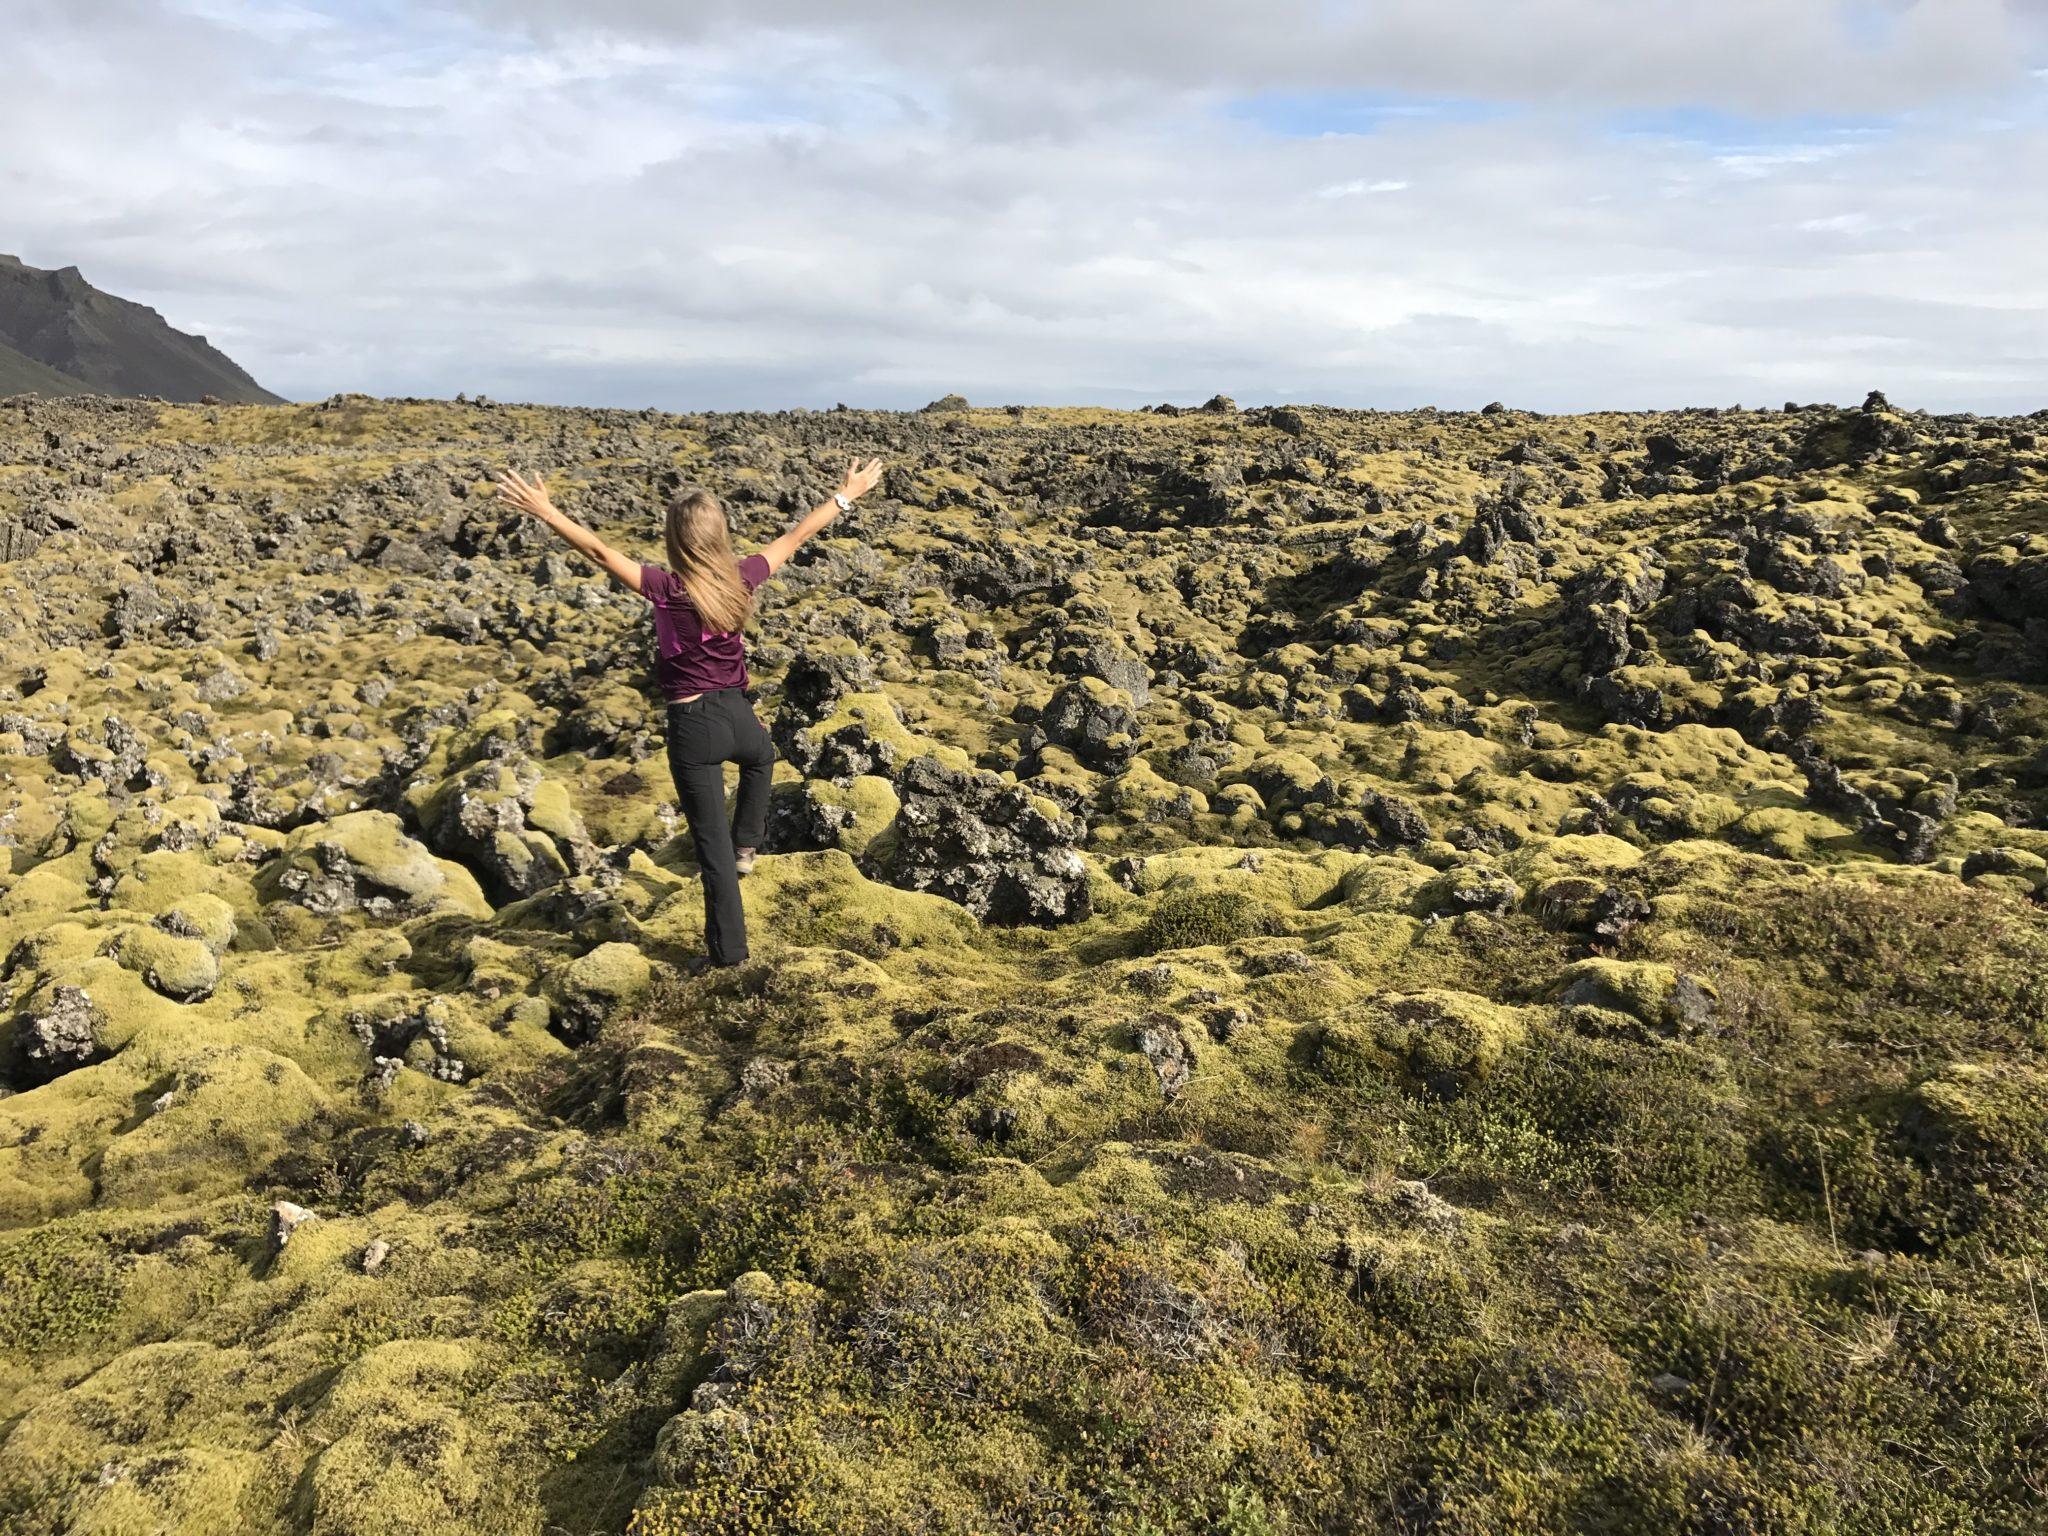 Islande jour 4 et 5 : Musée du requin et fjords de l'ouest